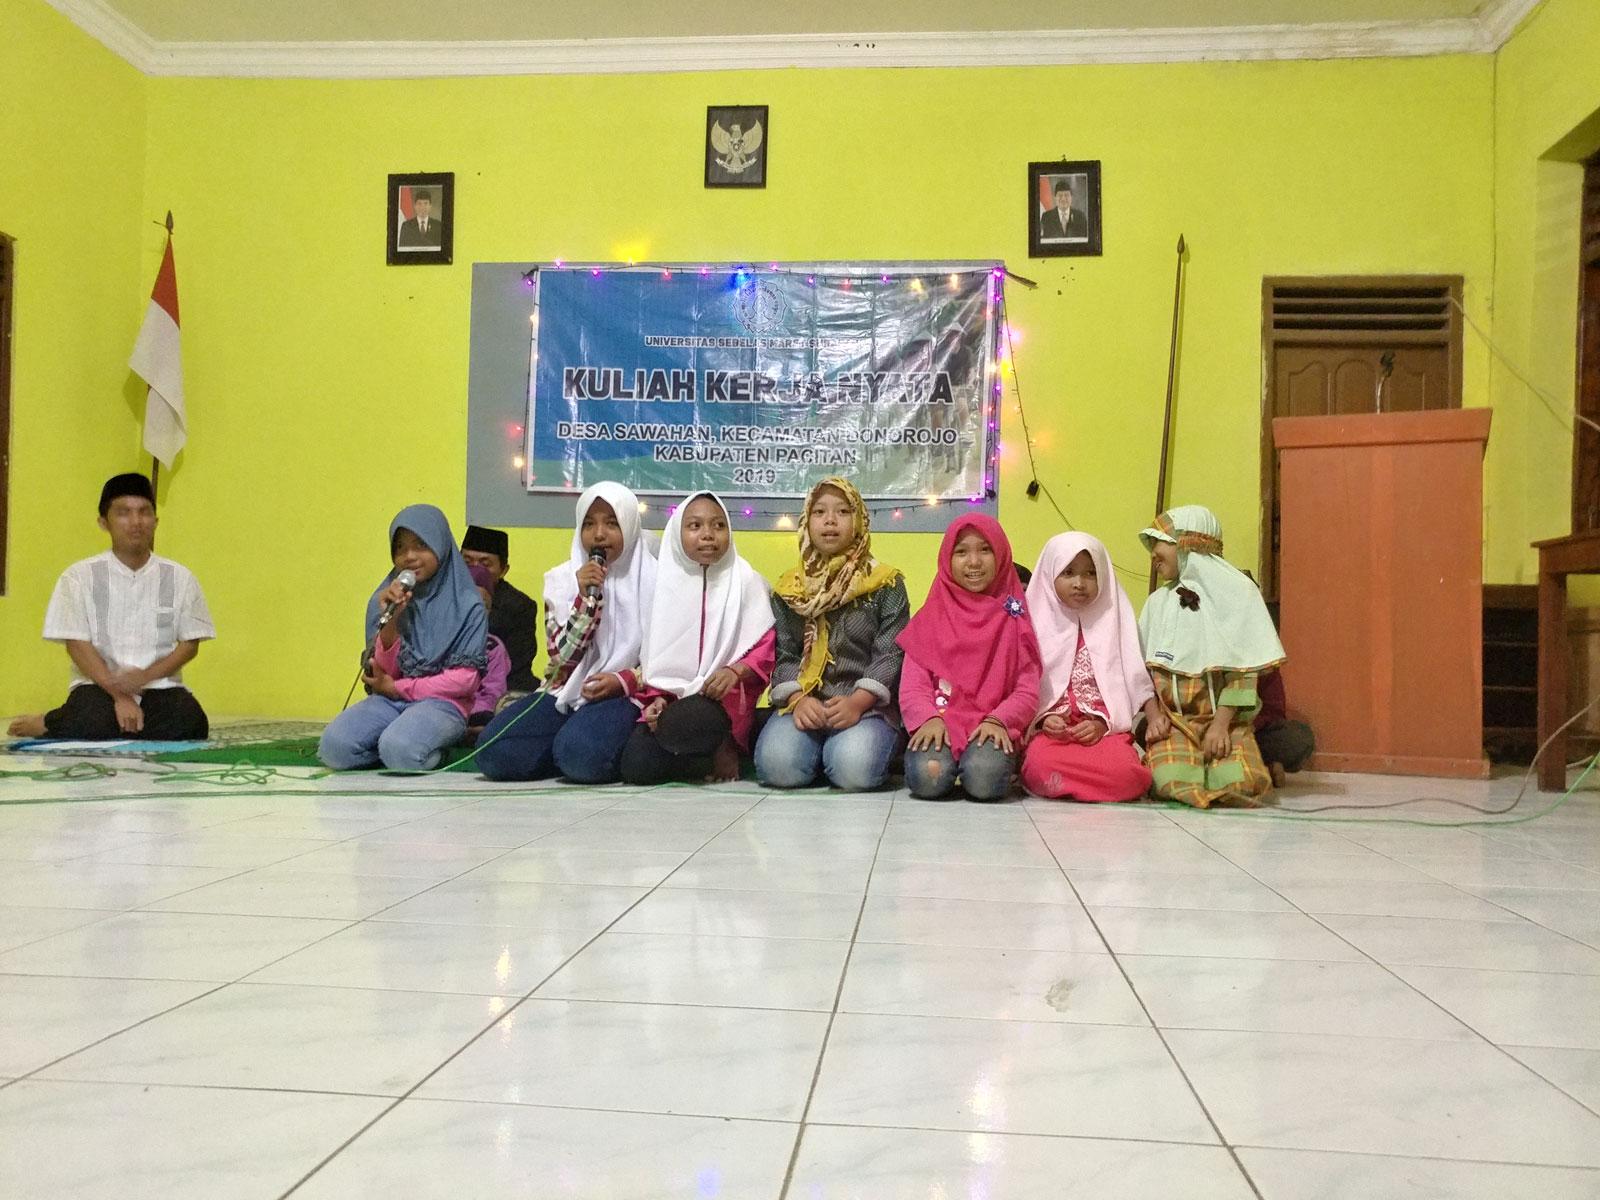 MP3 Pengajian Akbar Bersama Ustadz Ali Assegaf dan Mahasiswa KKN UNS 2019 di Pacitan